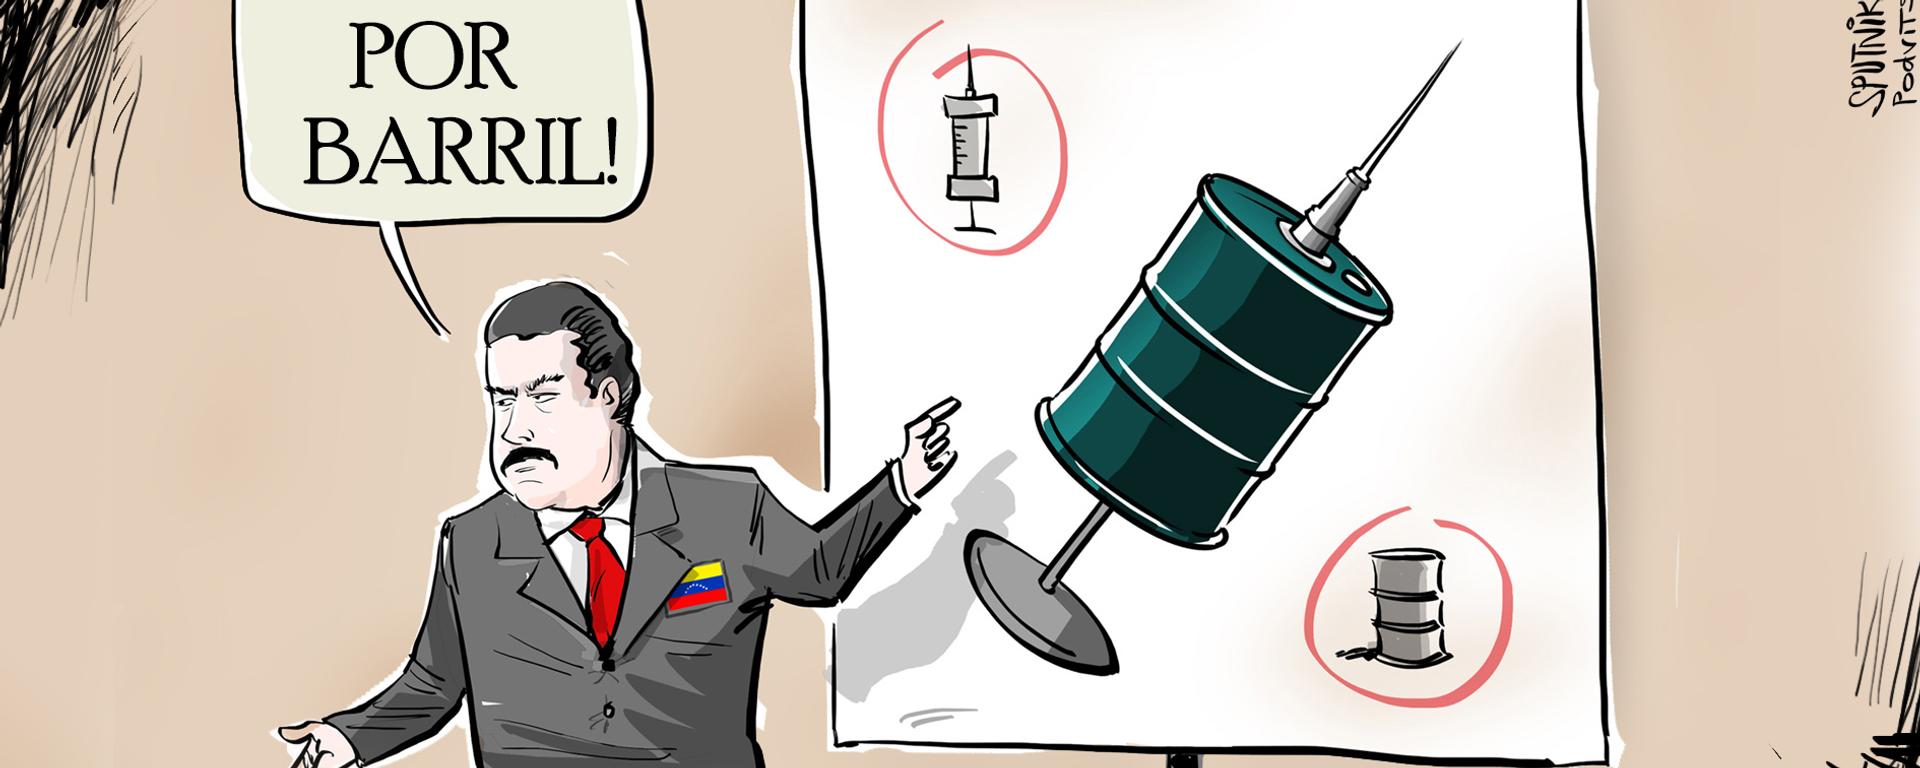 Barril por barril: Venezuela ofrece intercambiar vacunas por petróleo - Sputnik Mundo, 1920, 29.03.2021